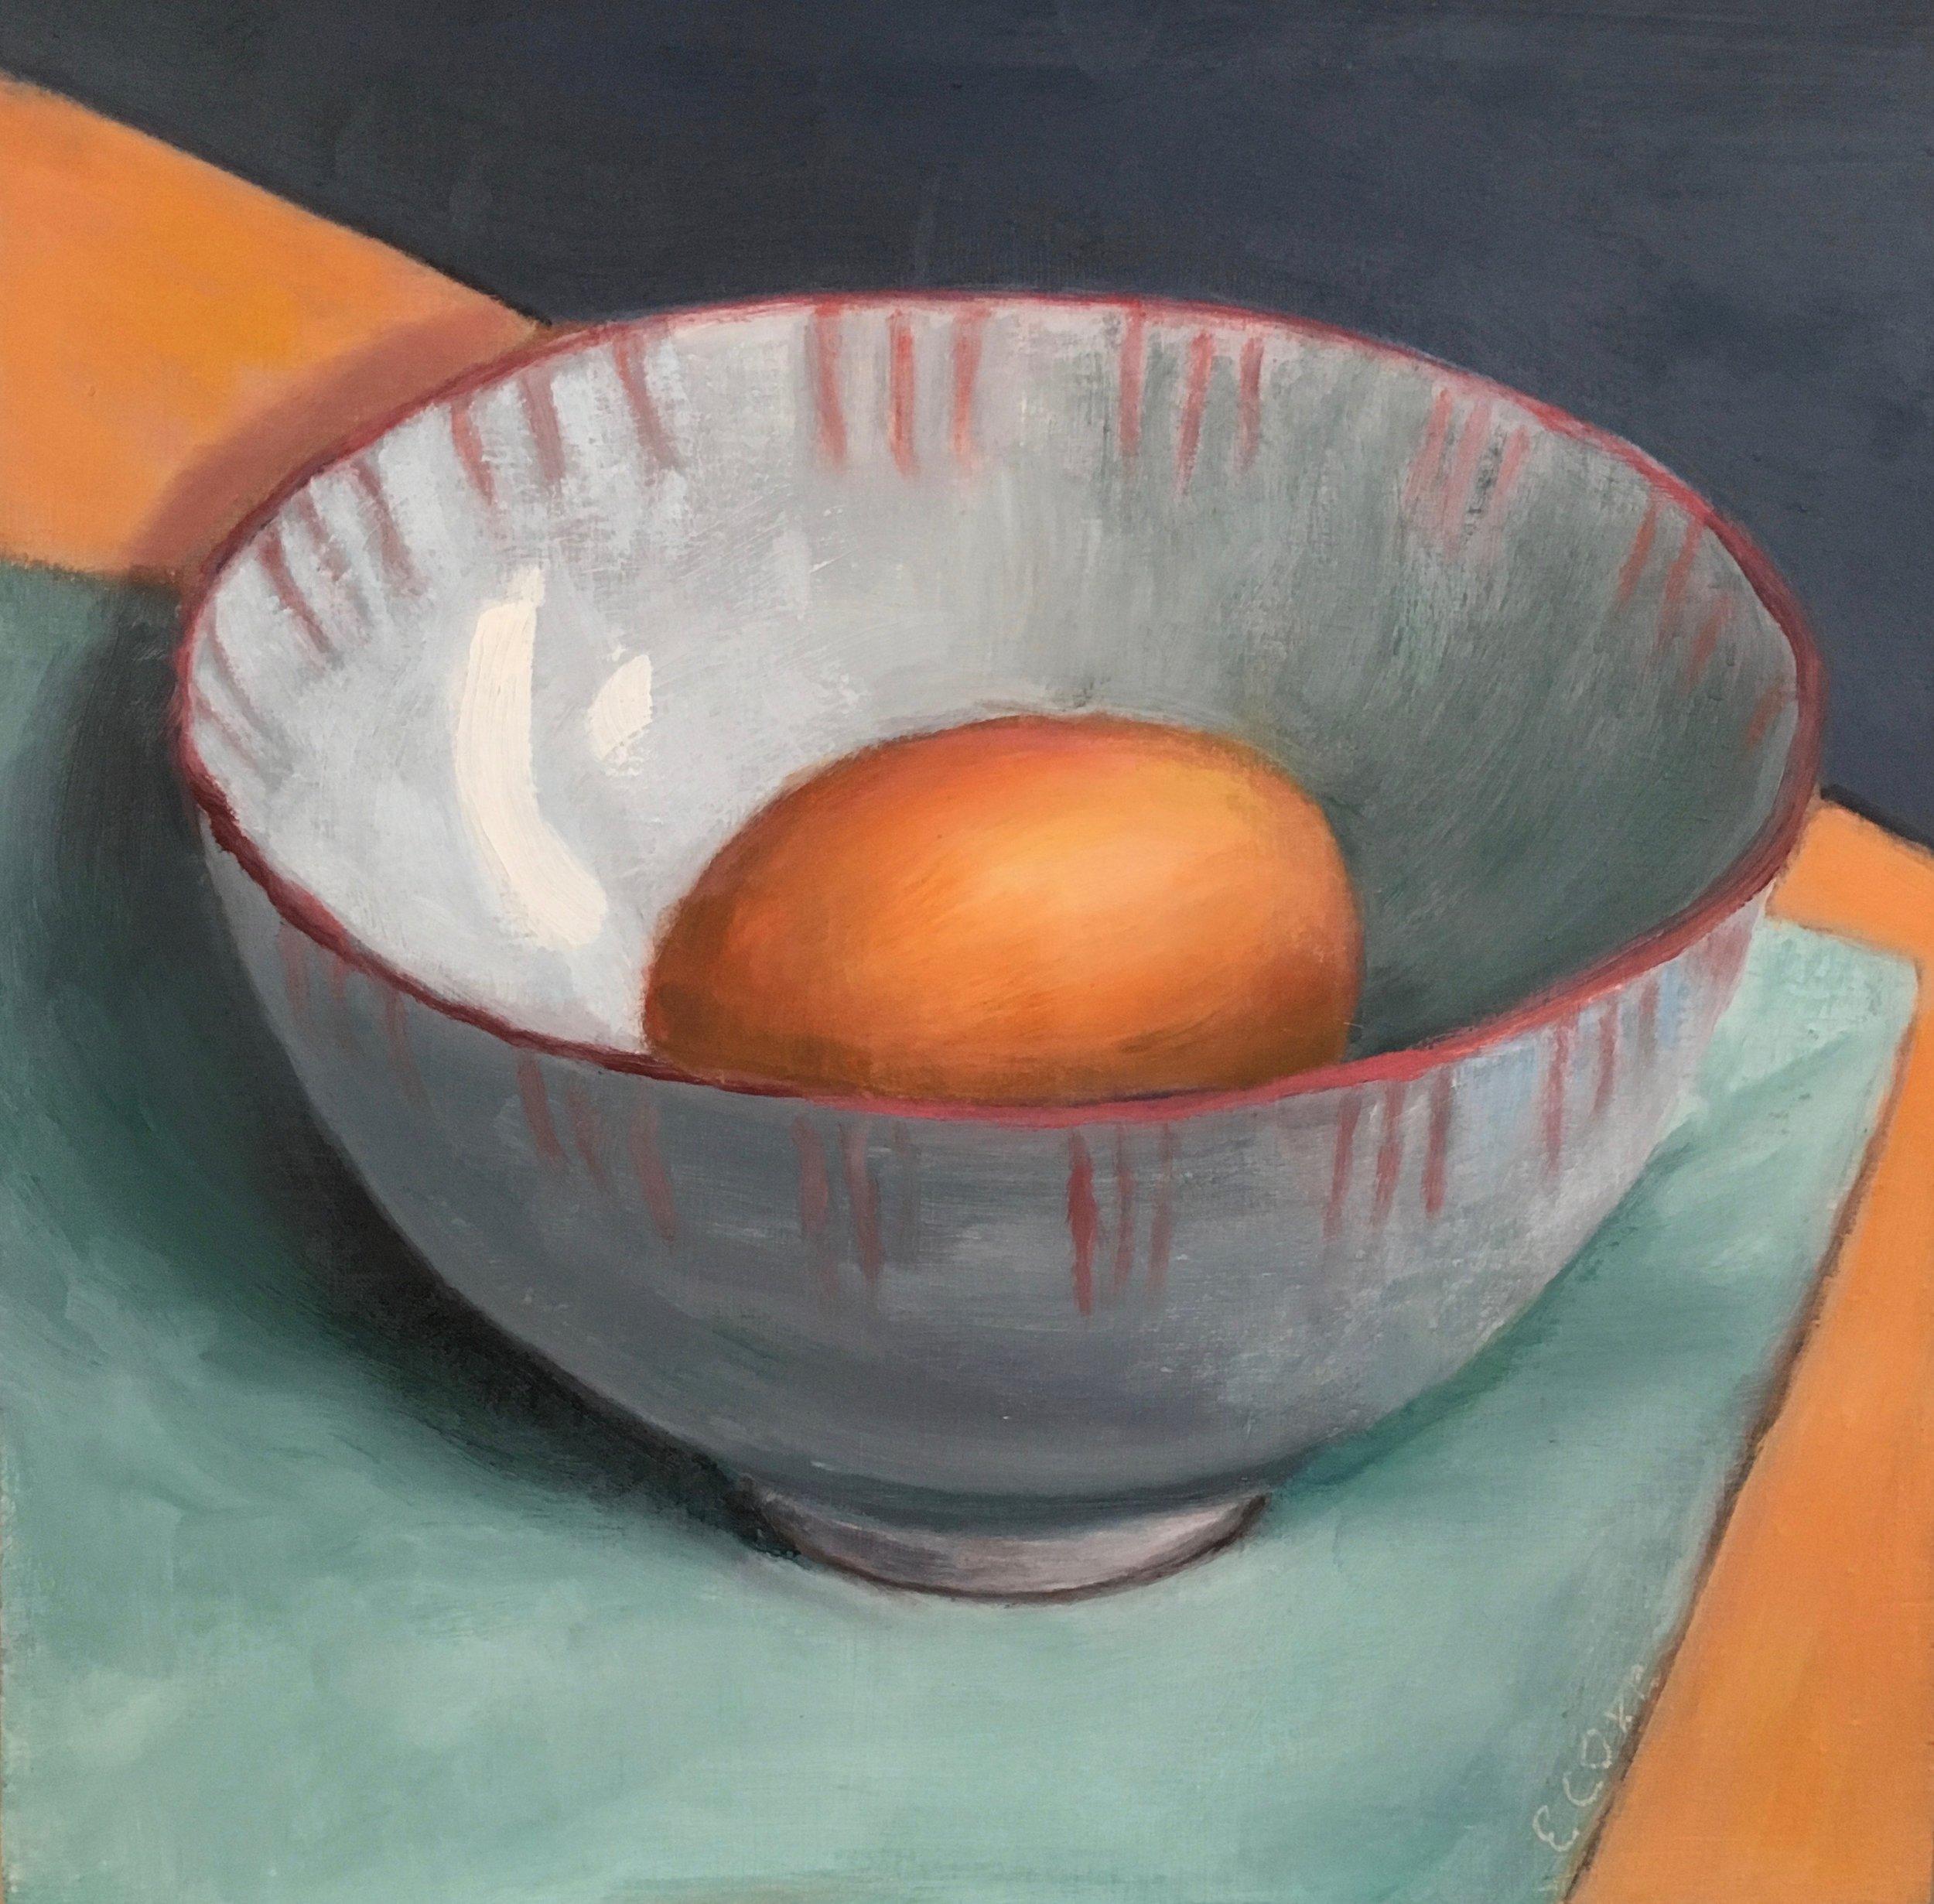 Egg in Ceramic Bowl